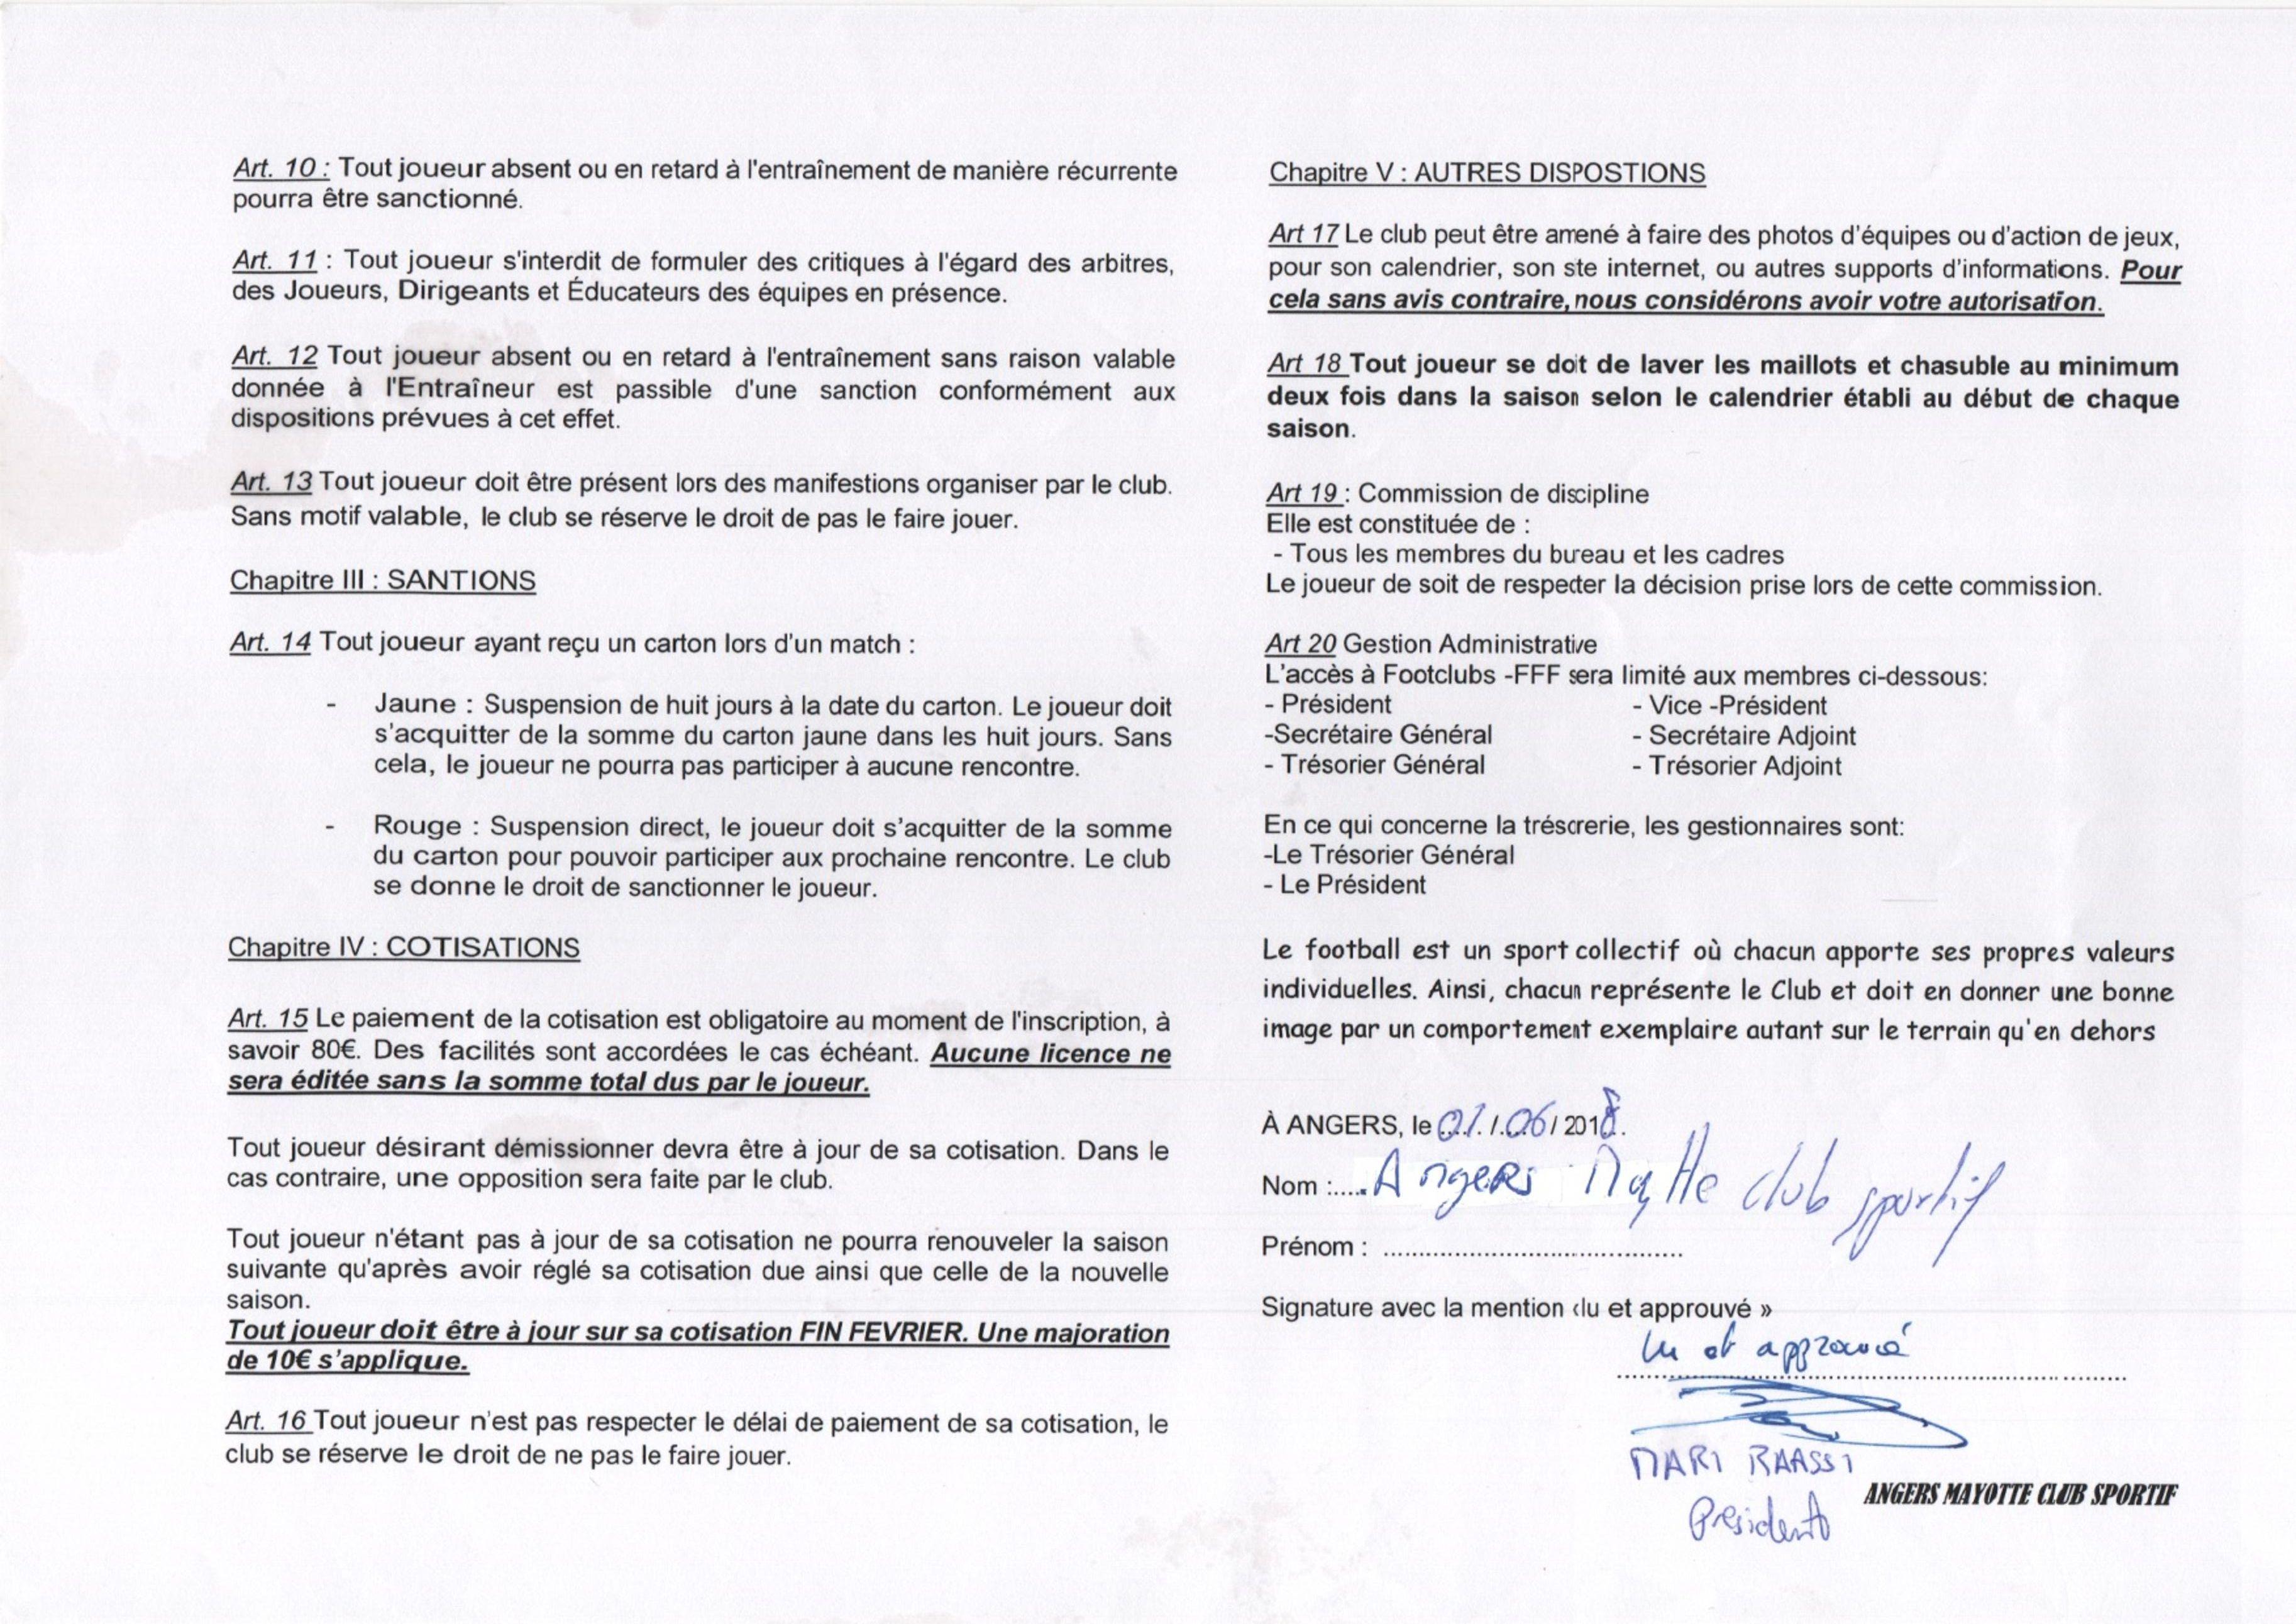 Règlement intérieur page 2